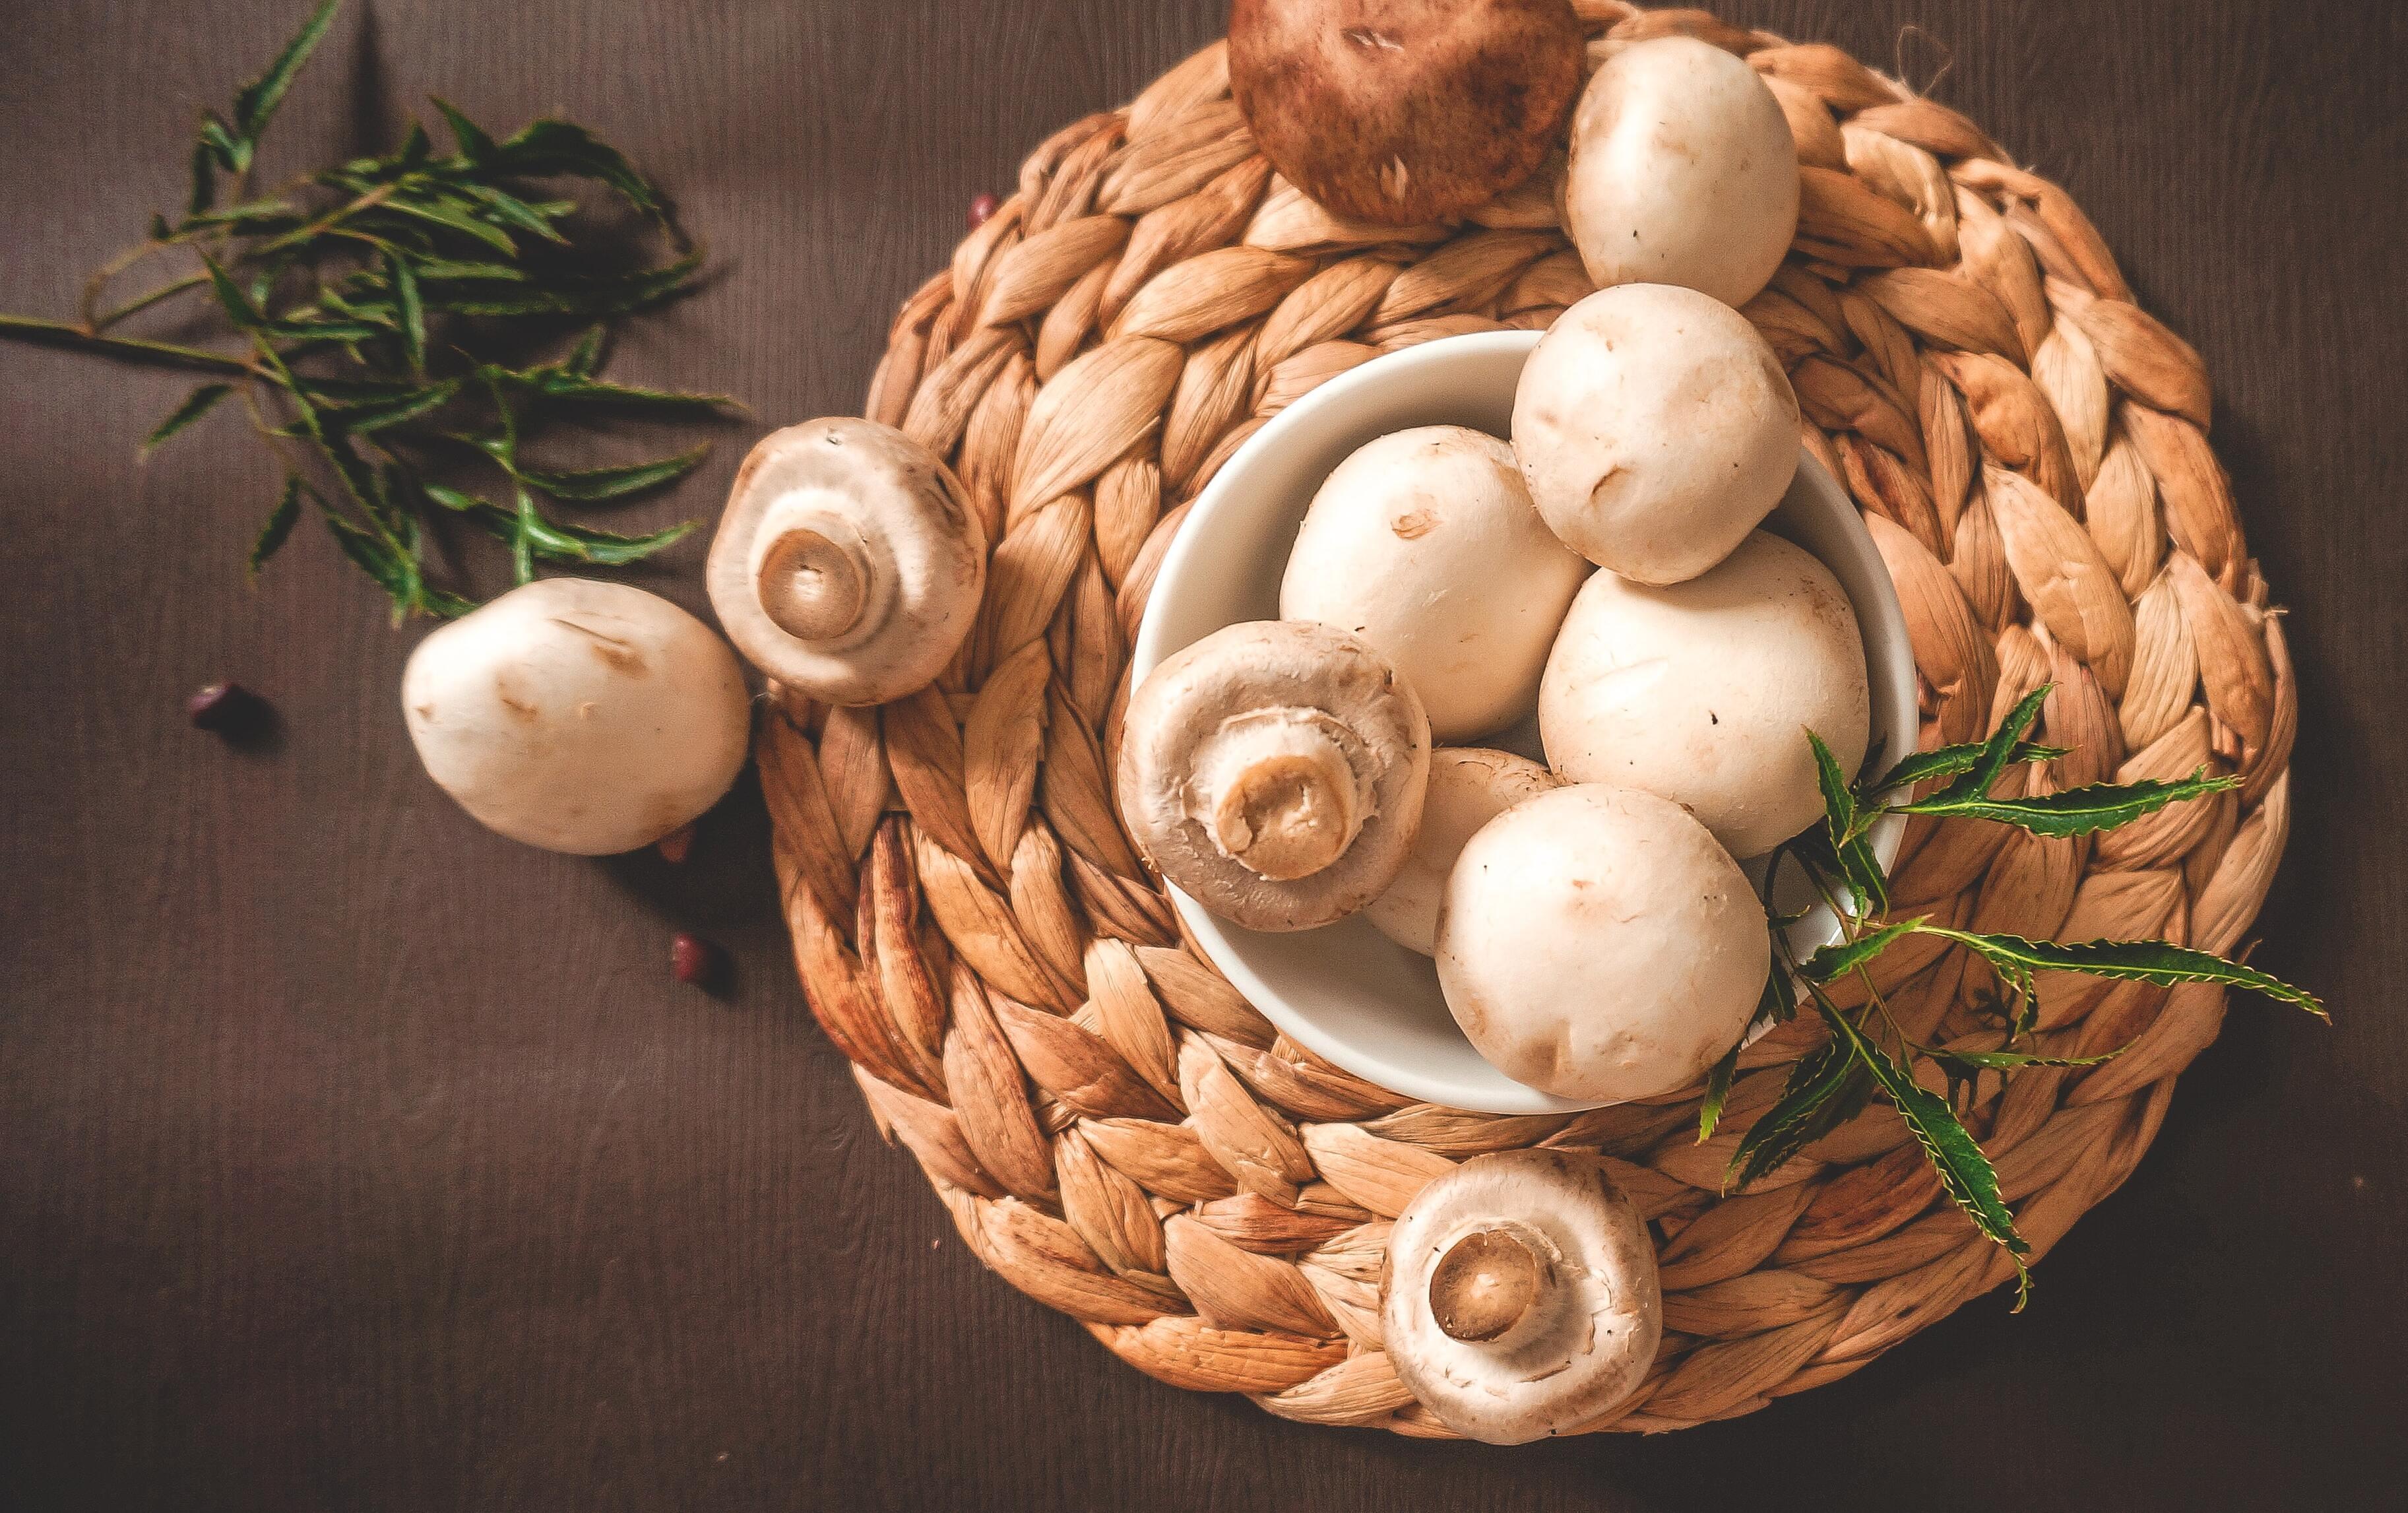 Учёные объяснили пользу грибов для организма